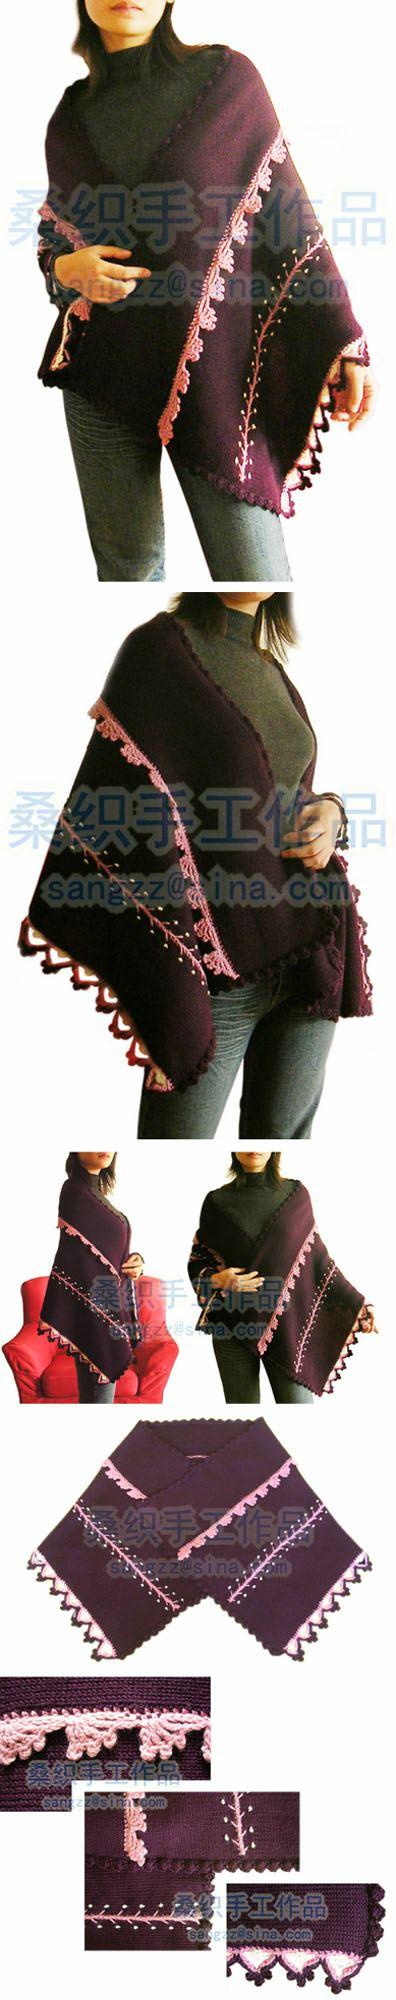 钩织结合的,深葡萄紫,对着光看罩上一层紫红的色泽,感觉很好。照片有色差。